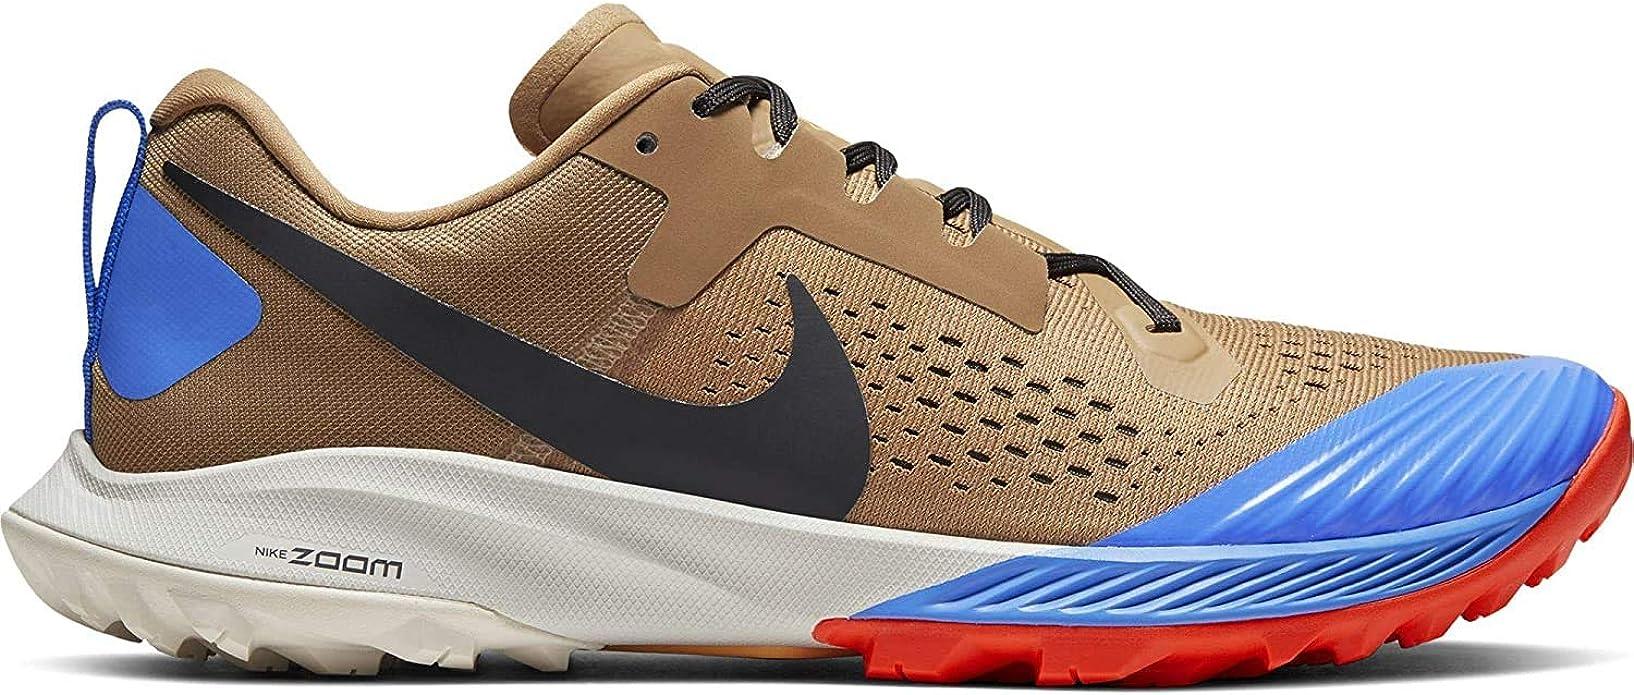 NIKE Air Zoom Terra Kiger 5, Zapatillas de Running para Hombre: Amazon.es: Zapatos y complementos